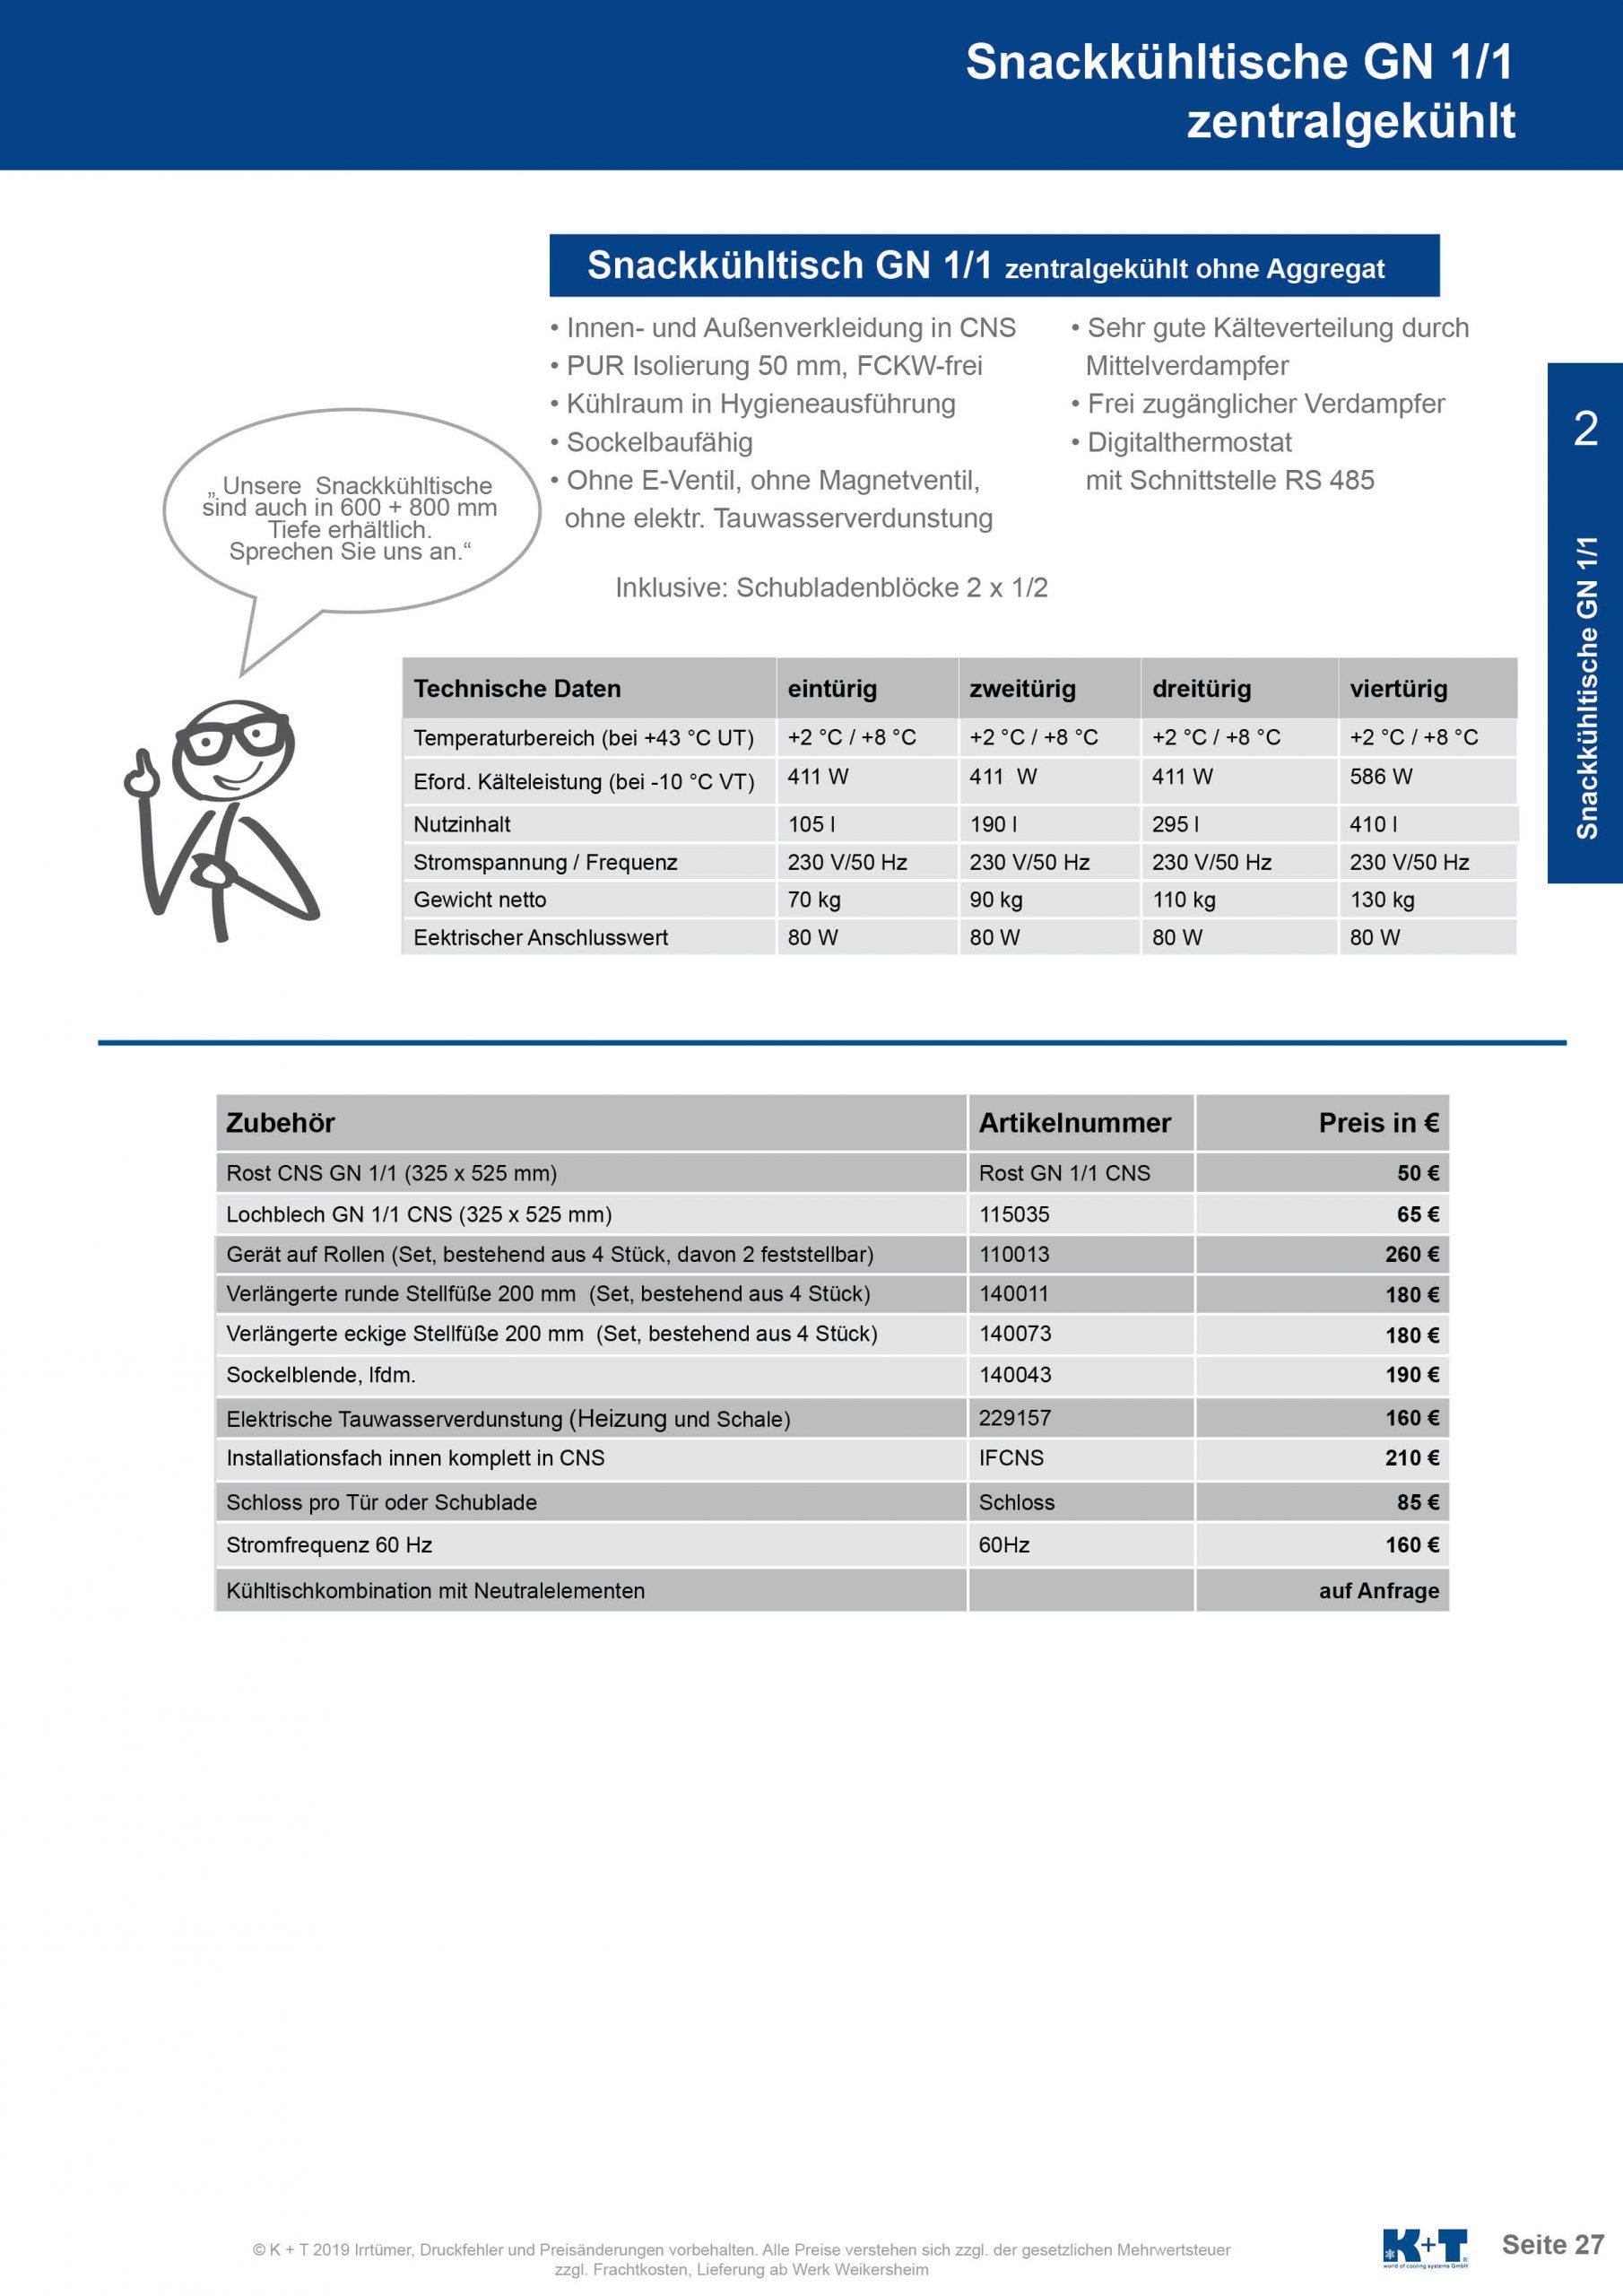 Snackkühltisch GN 1_1 zentralgekühlt 2